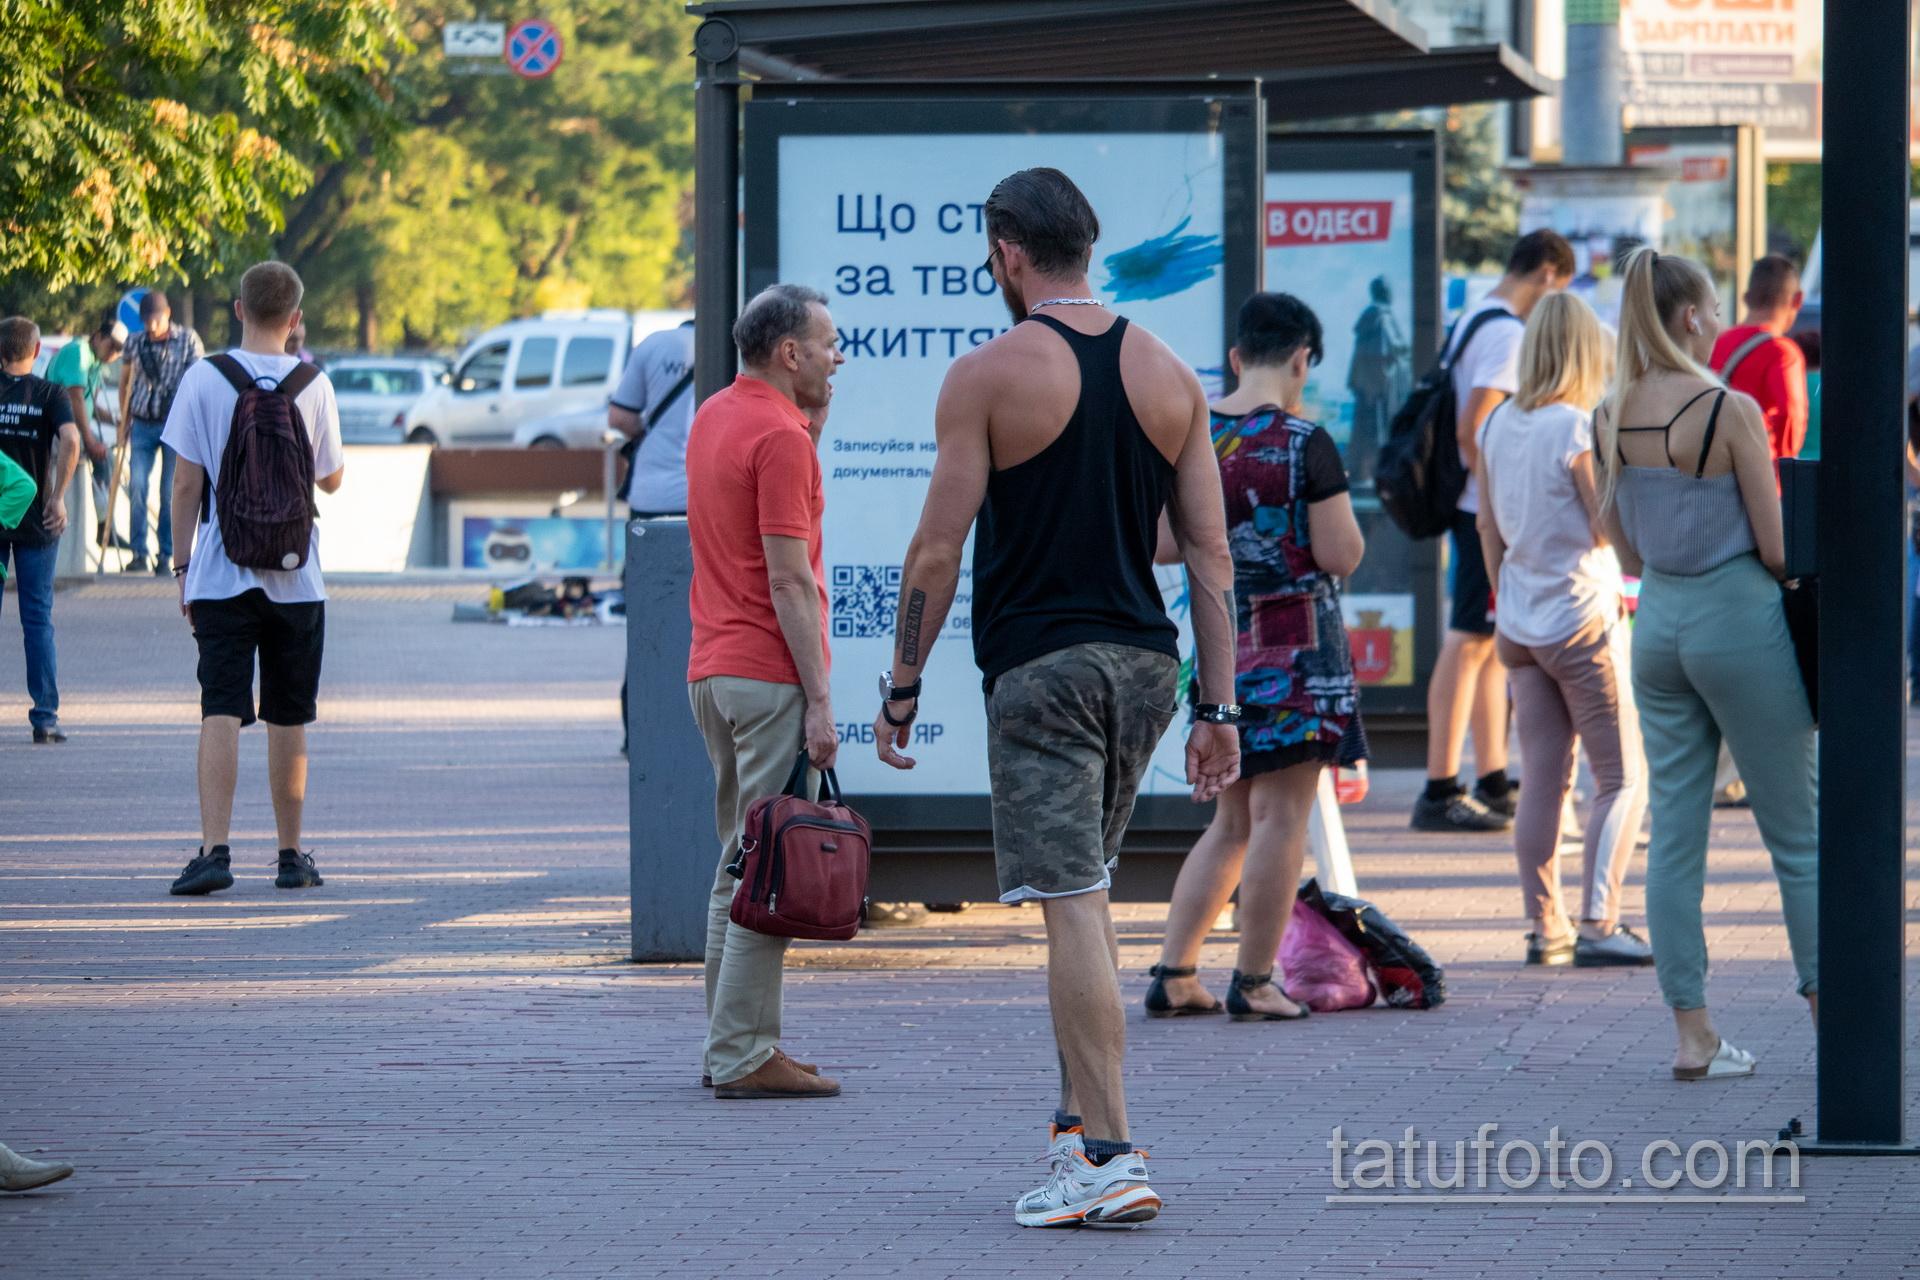 Тату надпись UNIVERSUM на руке мужчины - Уличная татуировка 14.09.2020 – tatufoto.com 7